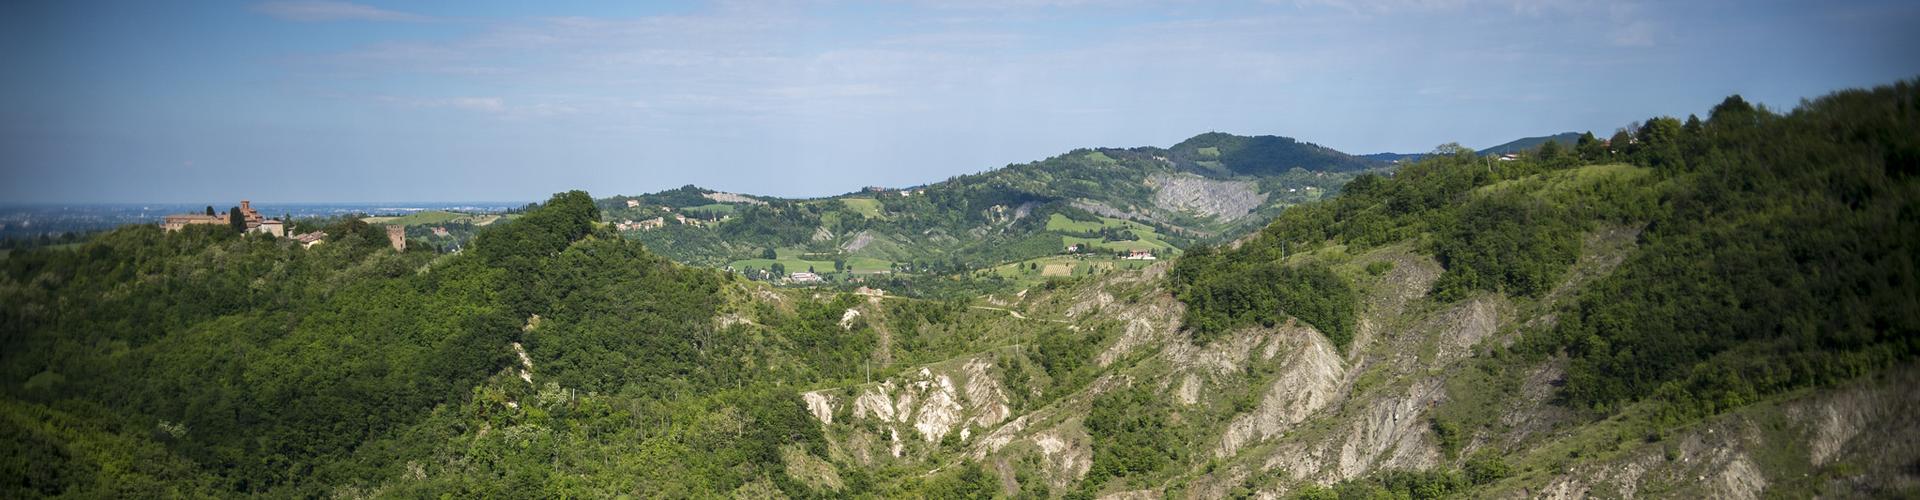 calanchi-e-valle-del-fosso-San-Teodoro